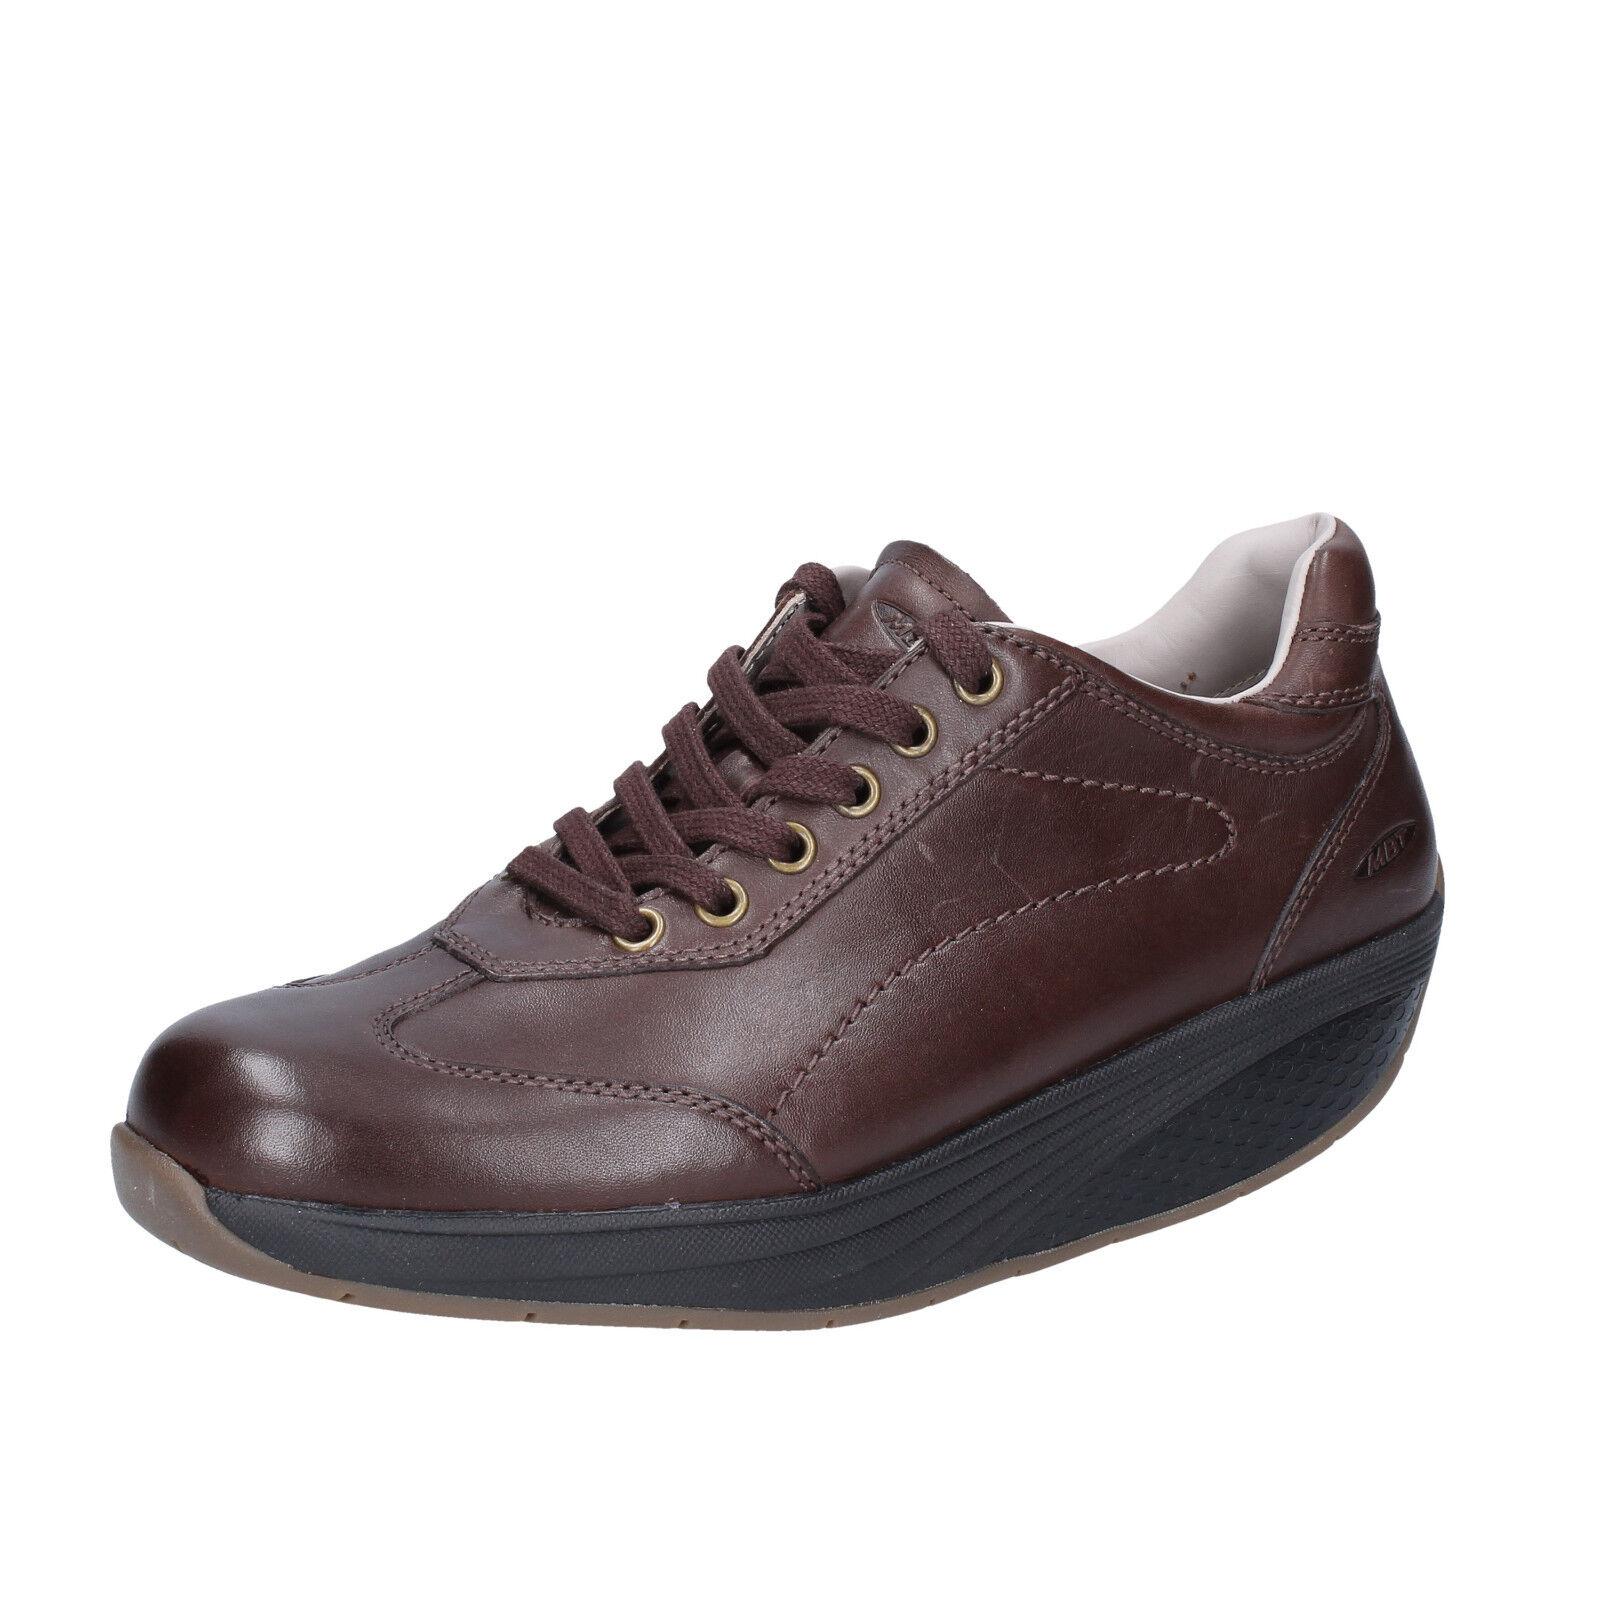 les chaussures de (3) tennis féminin mbt (3) de rendeHommes t en cuir marron bt62-35 400542